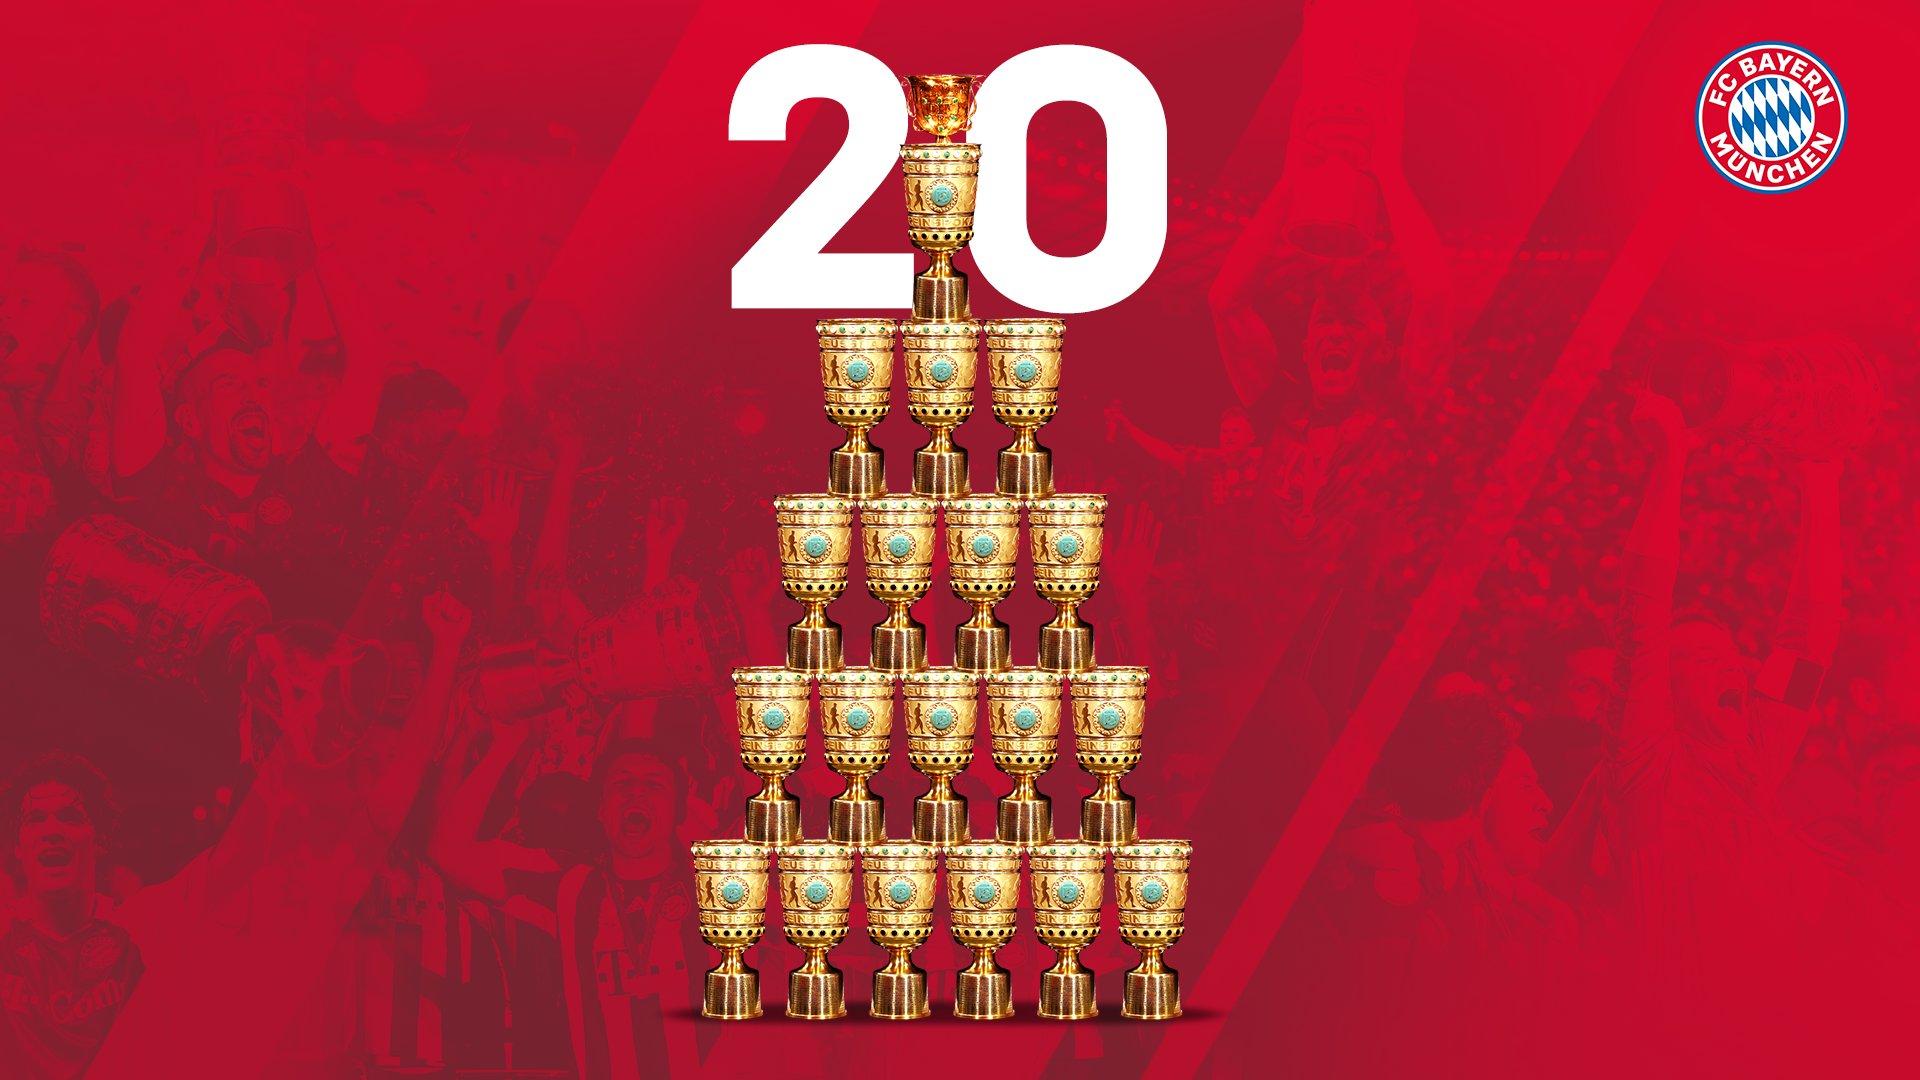 拜仁已赢得20座德国杯冠军,并13次斩获国内双冠王